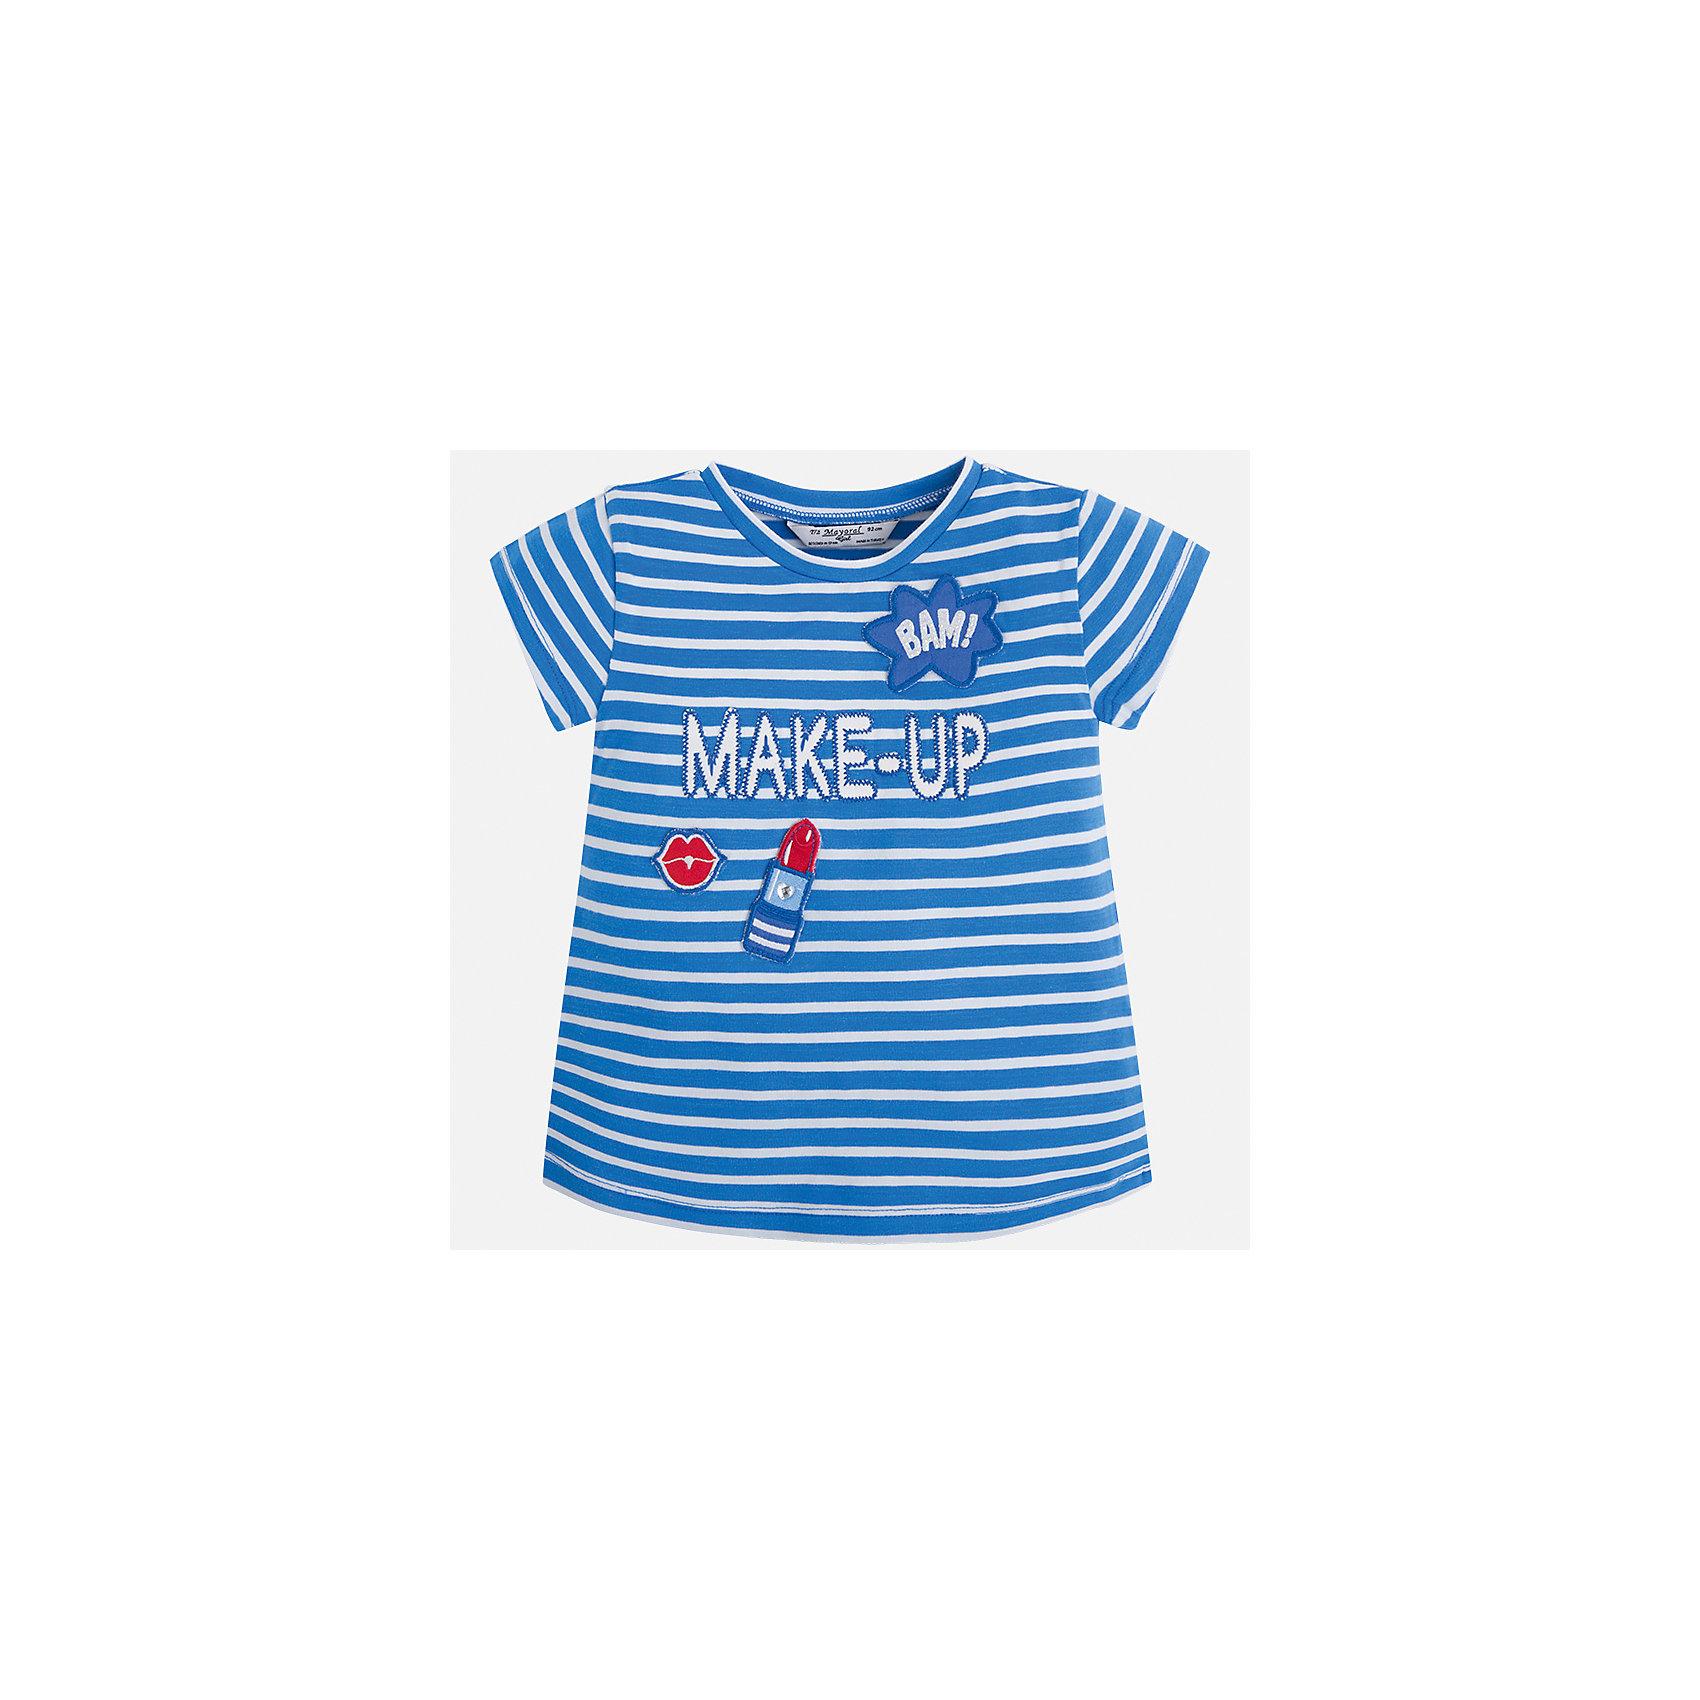 Футболка для девочки MayoralФутболки, поло и топы<br>Характеристики товара:<br><br>• цвет: синий<br>• состав: 95% хлопок, 5% эластан<br>• эластичный материал<br>• декорирована принтом<br>• короткие рукава<br>• в полоску<br>• округлый горловой вырез<br>• страна бренда: Испания<br><br>Модная качественная футболка для девочки поможет разнообразить гардероб ребенка и украсить наряд. Она отлично сочетается и с юбками, и с шортами, и с брюками. Универсальный цвет позволяет подобрать к вещи низ практически любой расцветки. Интересная отделка модели делает её нарядной и оригинальной. В составе материала есть натуральный хлопок, гипоаллергенный, приятный на ощупь, дышащий.<br><br>Одежда, обувь и аксессуары от испанского бренда Mayoral полюбились детям и взрослым по всему миру. Модели этой марки - стильные и удобные. Для их производства используются только безопасные, качественные материалы и фурнитура. Порадуйте ребенка модными и красивыми вещами от Mayoral! <br><br>Футболку для девочки от испанского бренда Mayoral (Майорал) можно купить в нашем интернет-магазине.<br><br>Ширина мм: 199<br>Глубина мм: 10<br>Высота мм: 161<br>Вес г: 151<br>Цвет: синий<br>Возраст от месяцев: 96<br>Возраст до месяцев: 108<br>Пол: Женский<br>Возраст: Детский<br>Размер: 134,92,98,104,110,116,122,128<br>SKU: 5300253